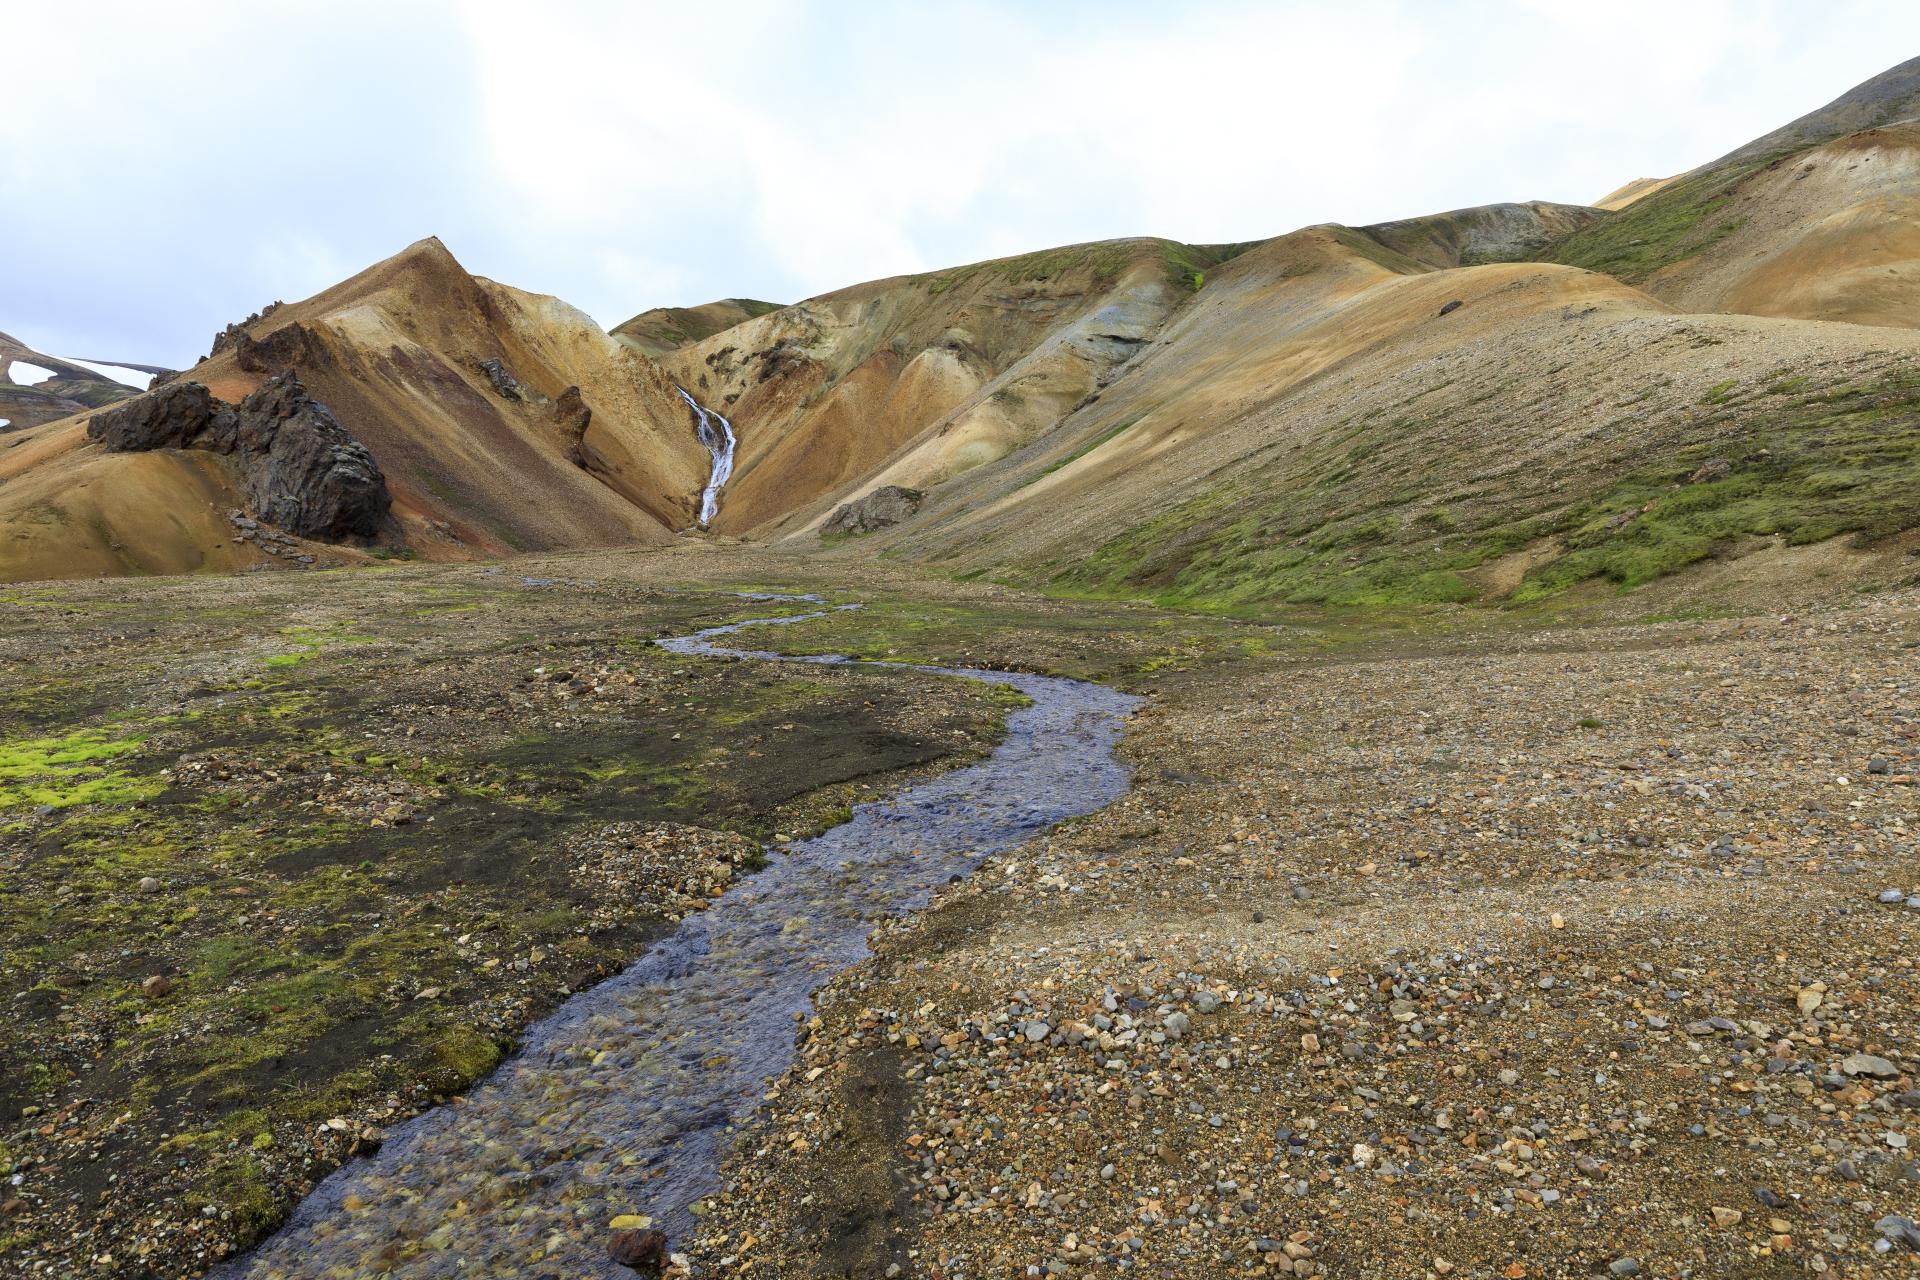 Aufstieg aus der Vondugil über den Grat am rechten Bildrand